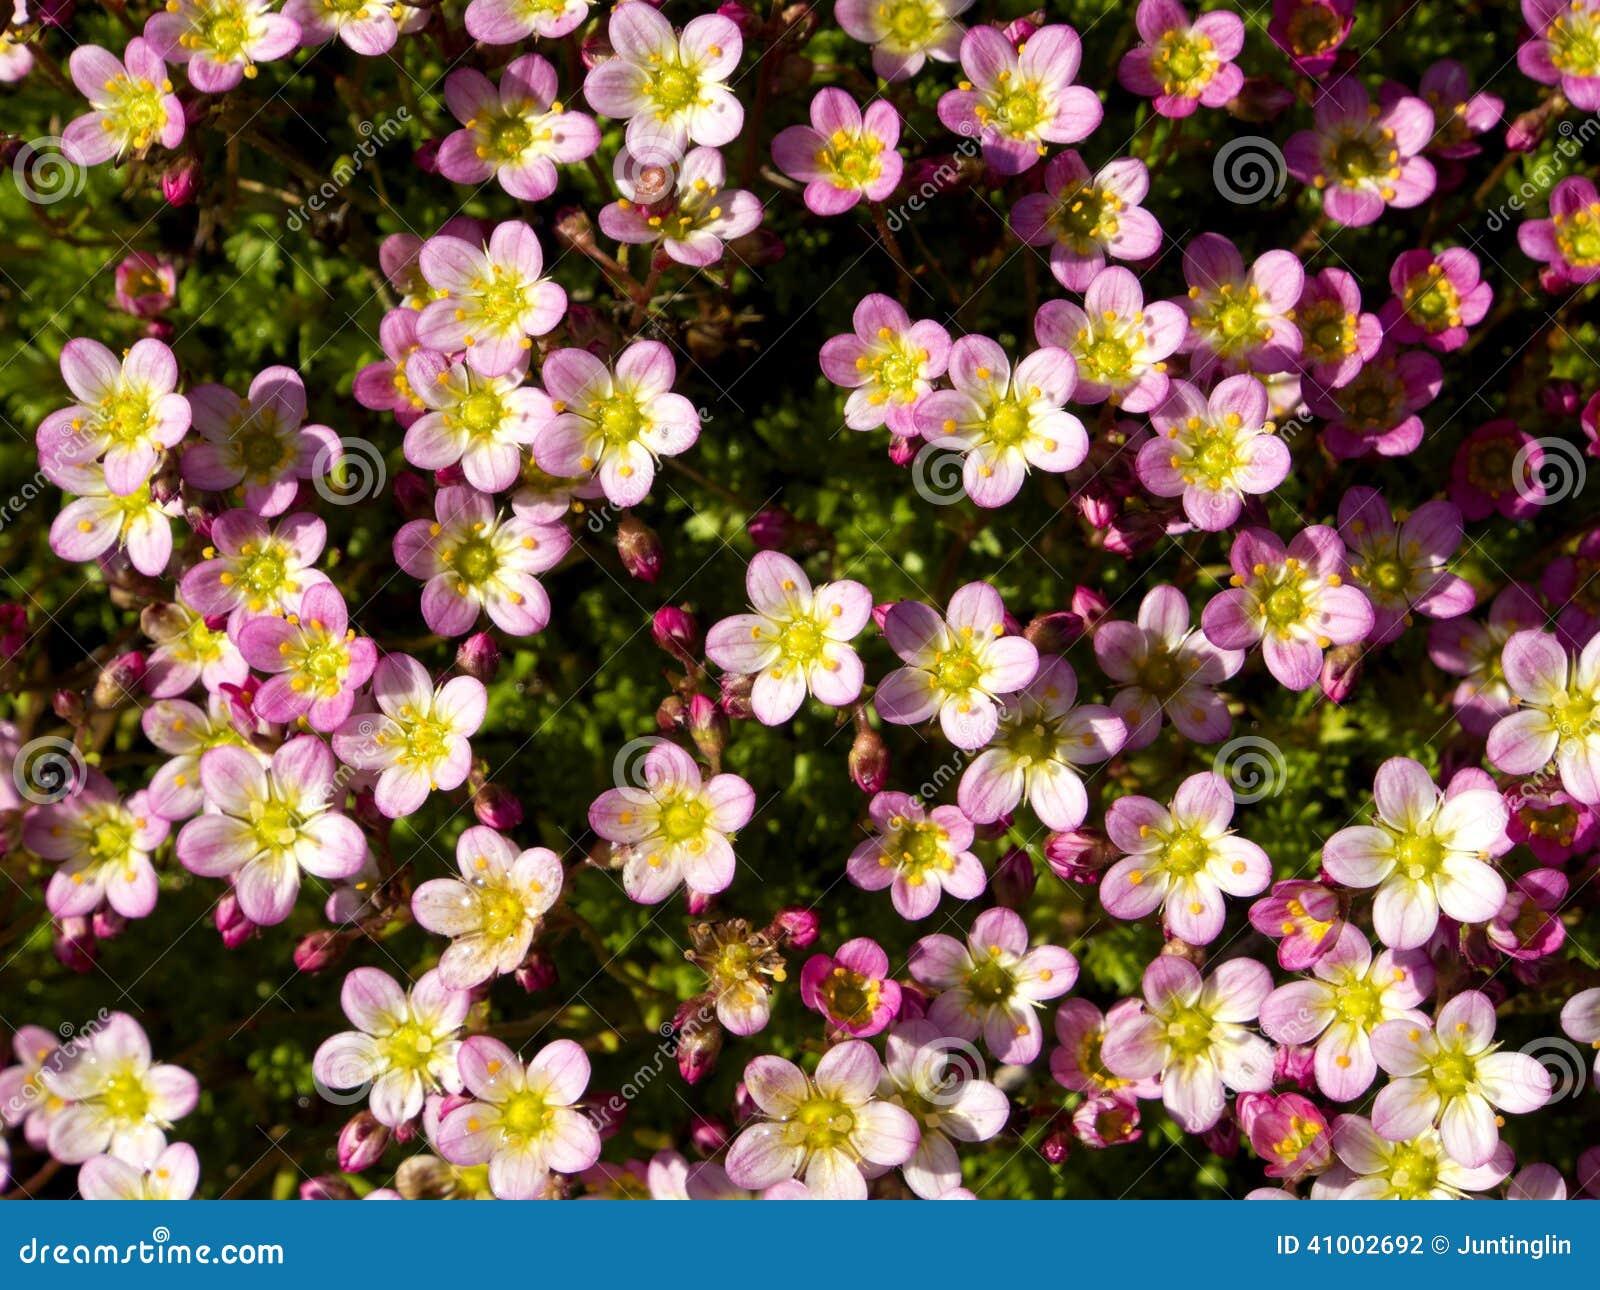 Spring summer little five petals pink flowers stock photo image little five petals pink flowers stock photo image of cheerful mightylinksfo